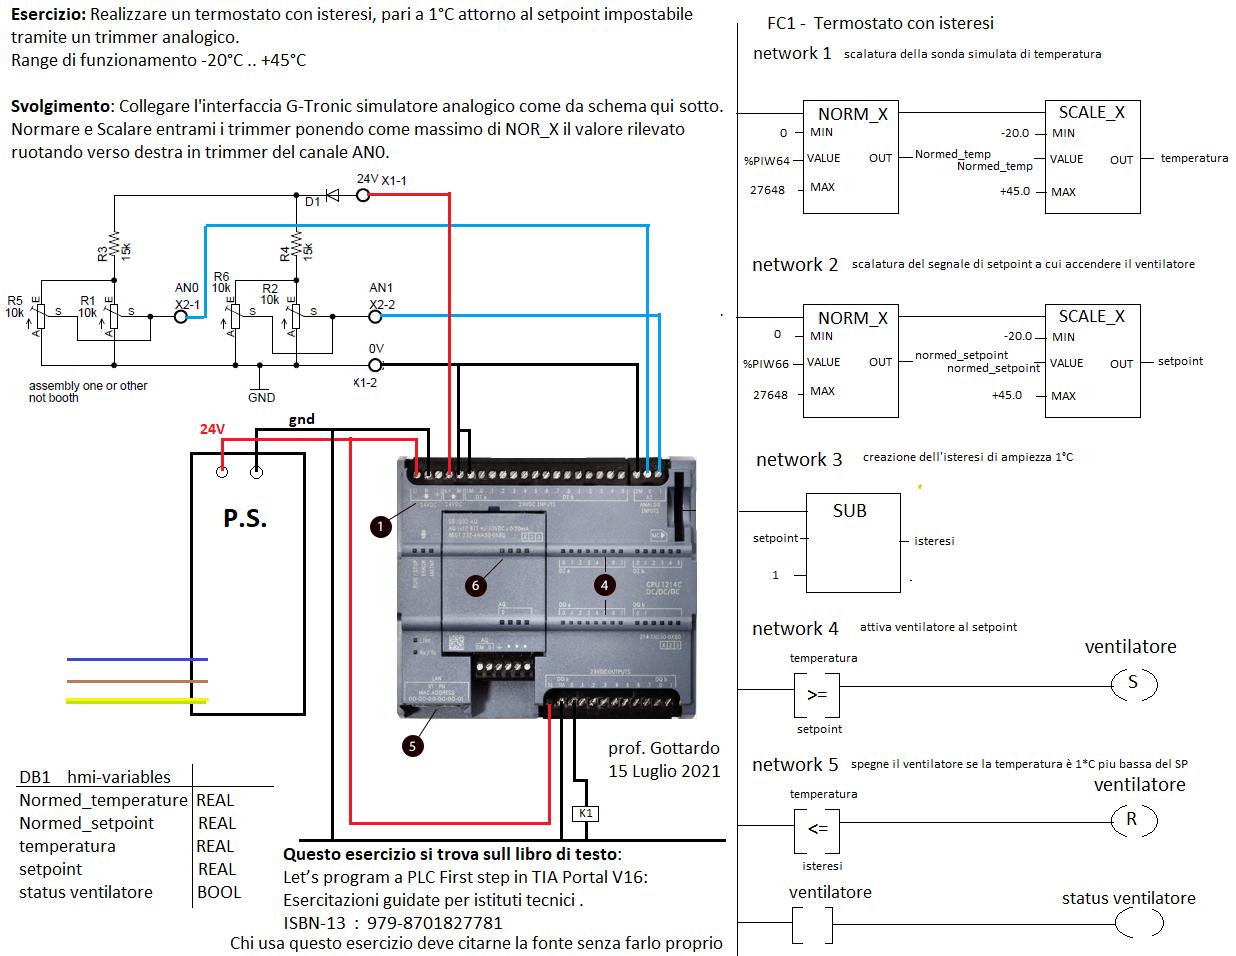 Interfaccia analogica G-Tronic collegamento al PLC